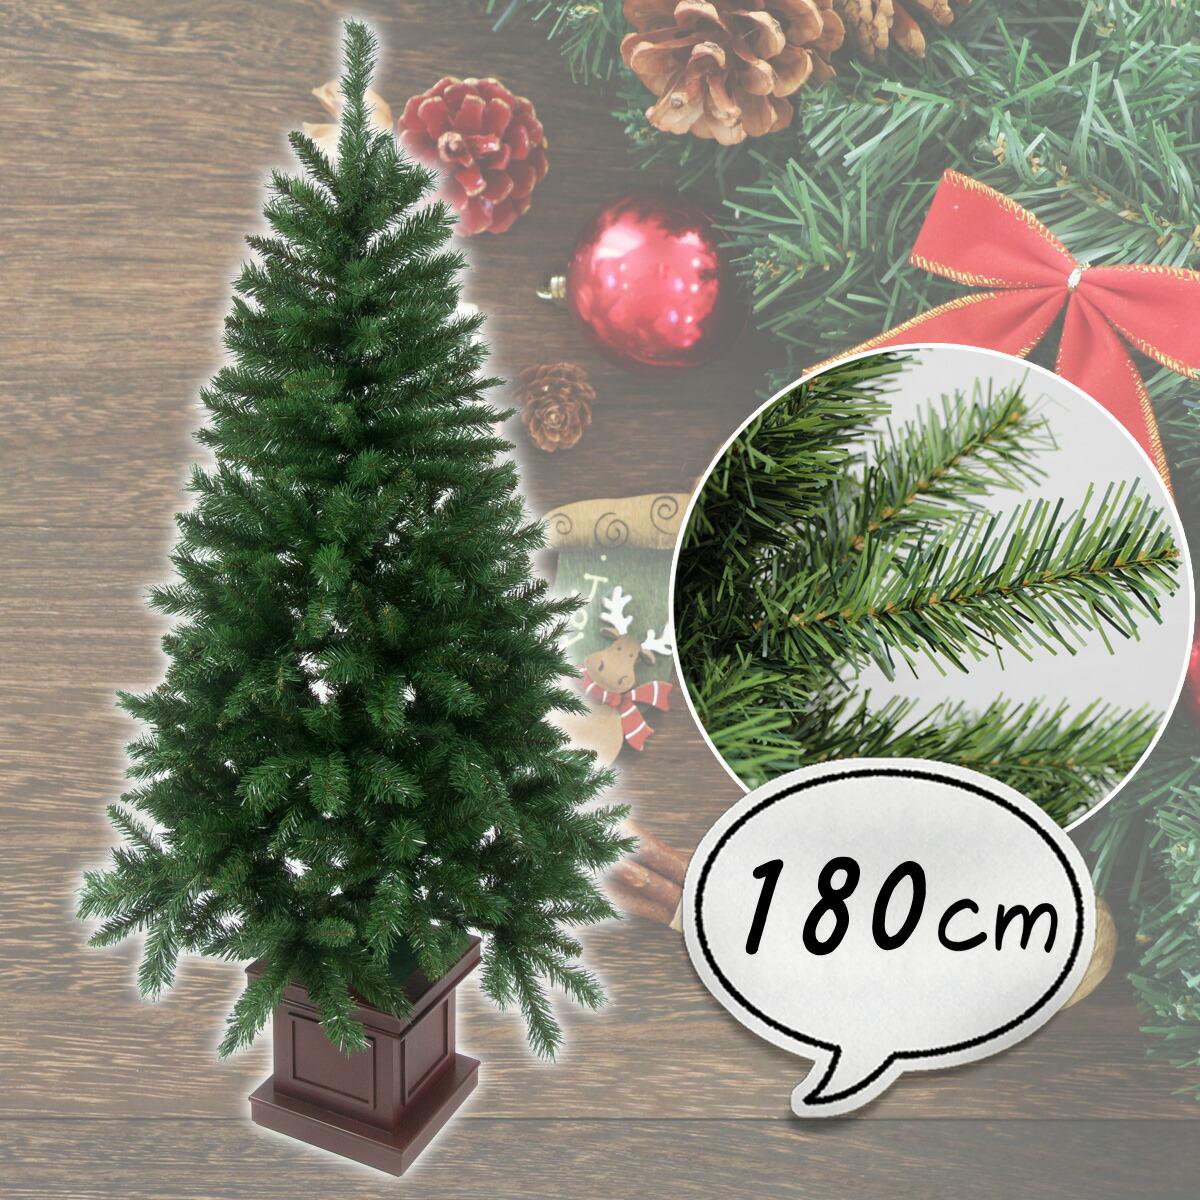 クリスマスツリー 180cm 木製 ポットツリー グリーン ツリーの木 木製ポット 北欧 おしゃれ ウッドベース